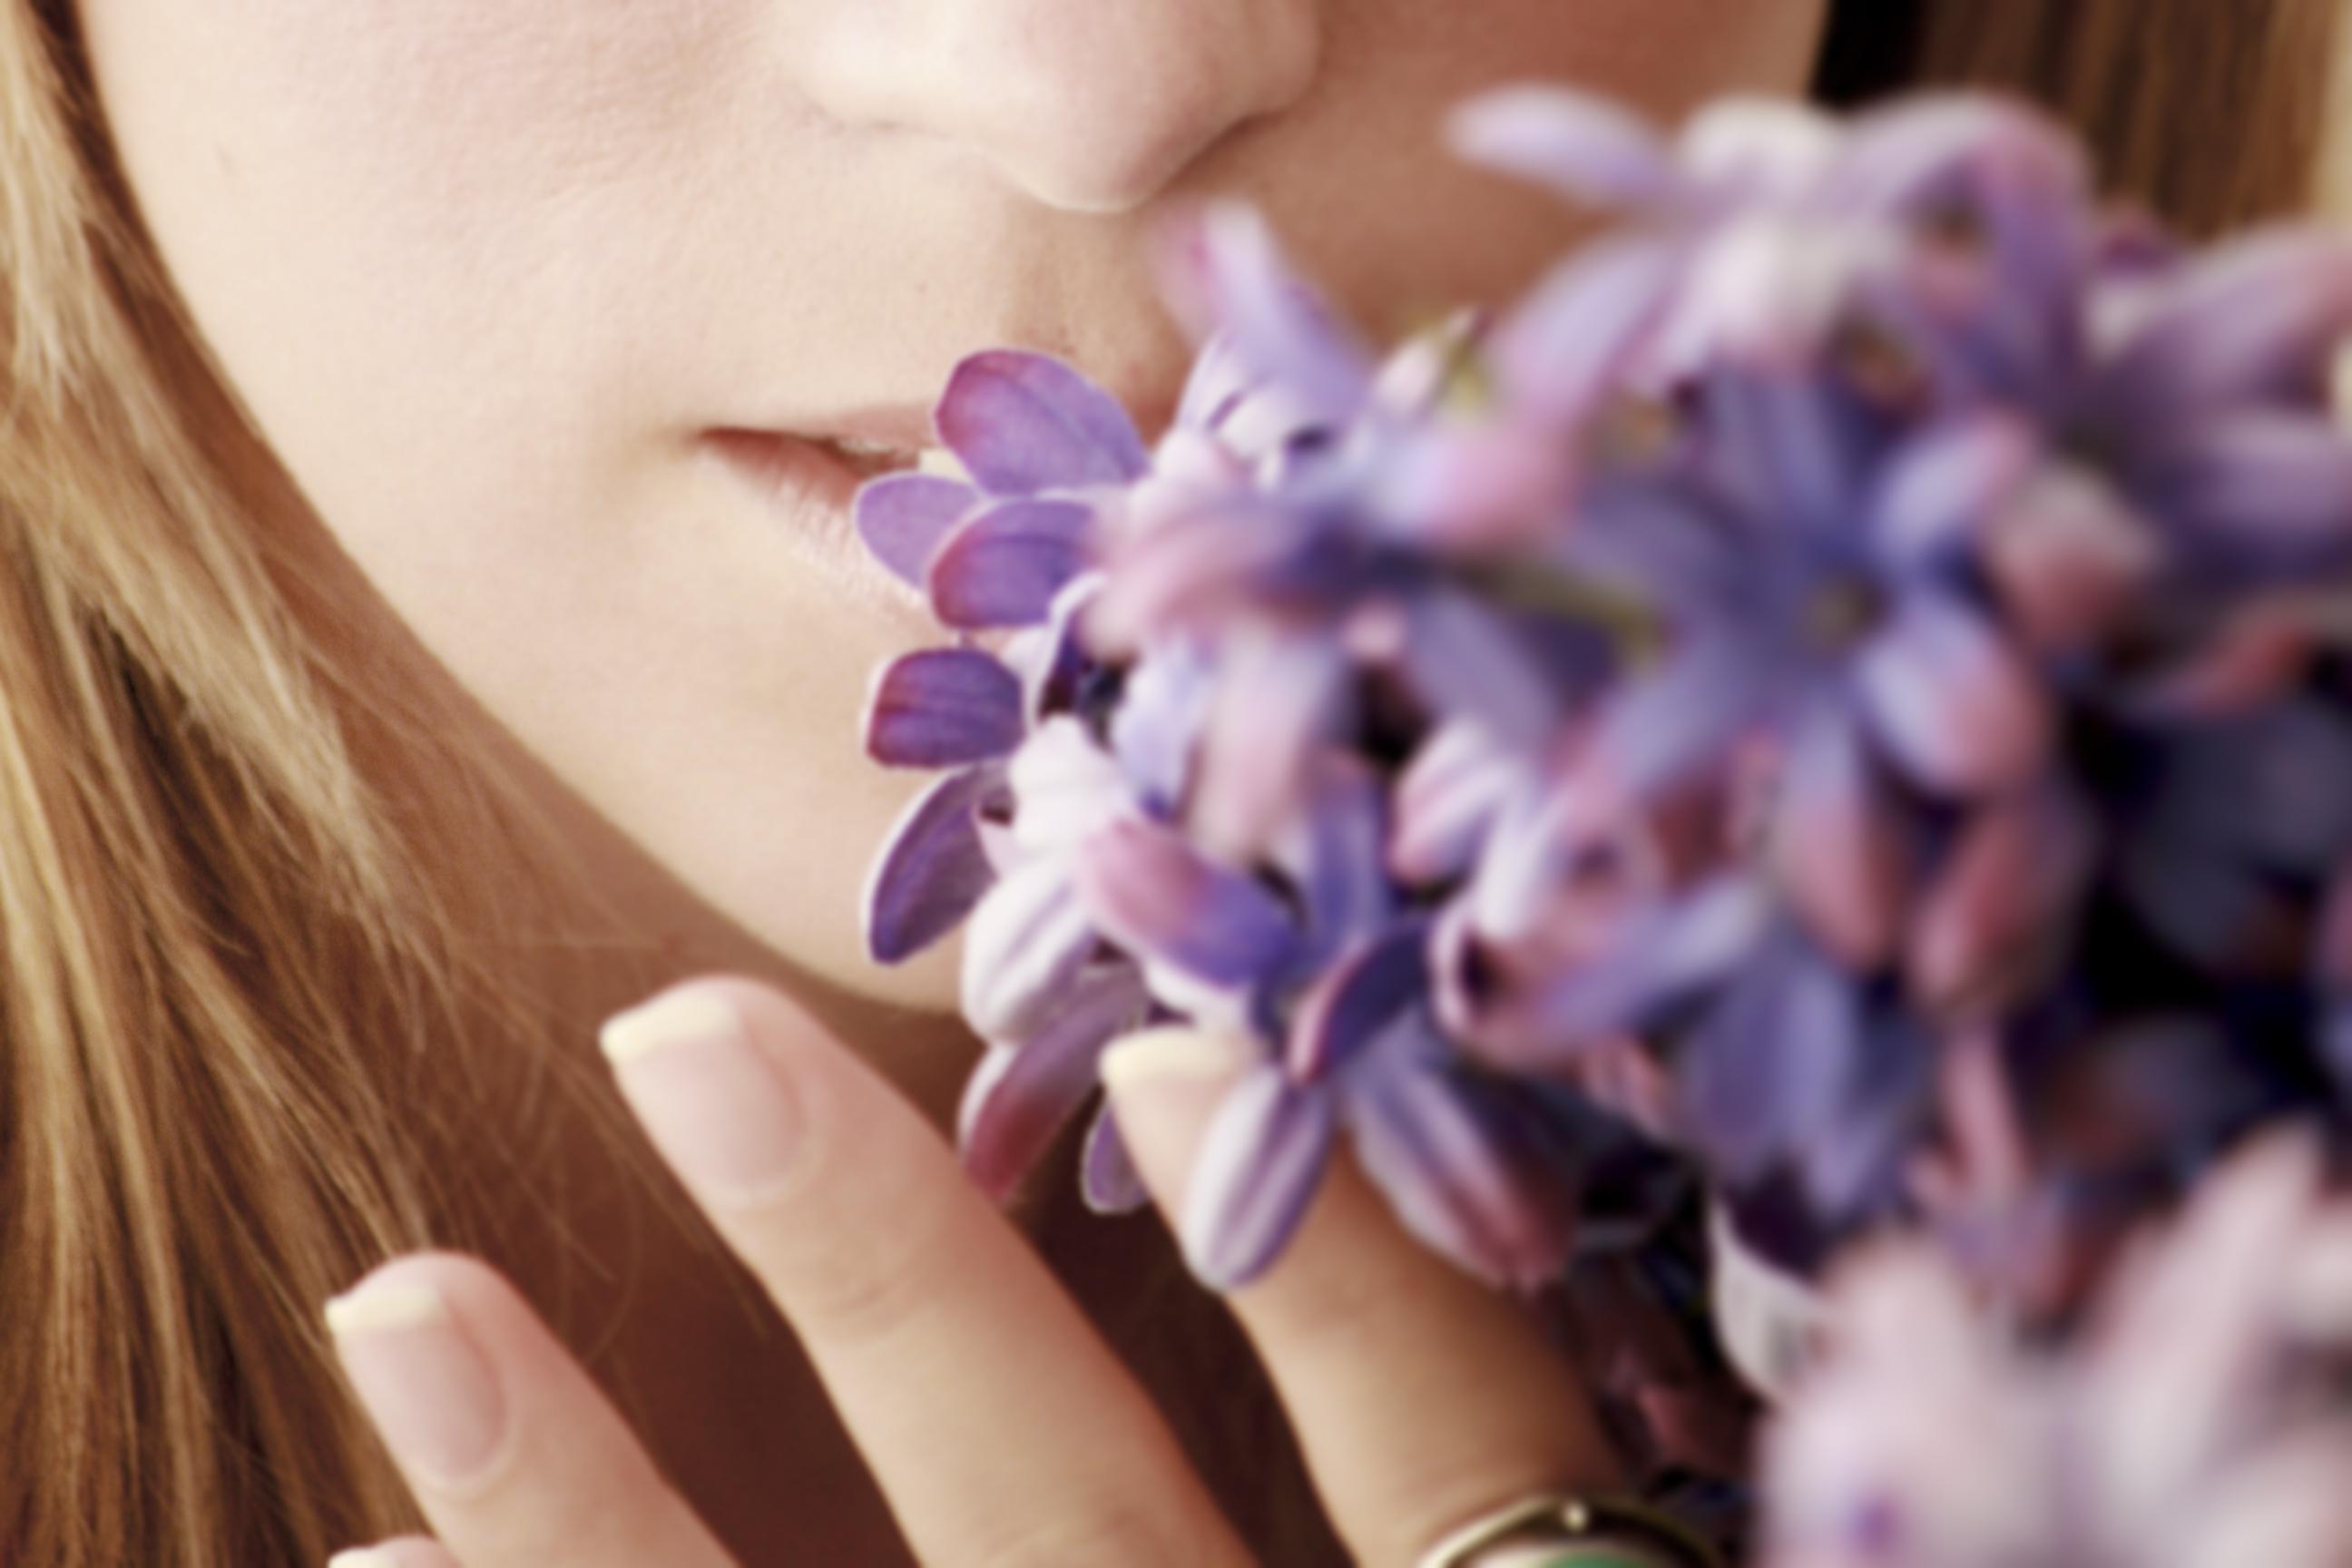 shutterstock_527377111 tappat luktsinnet känner ingen lukt luftvägar och allergi lukta.jpg